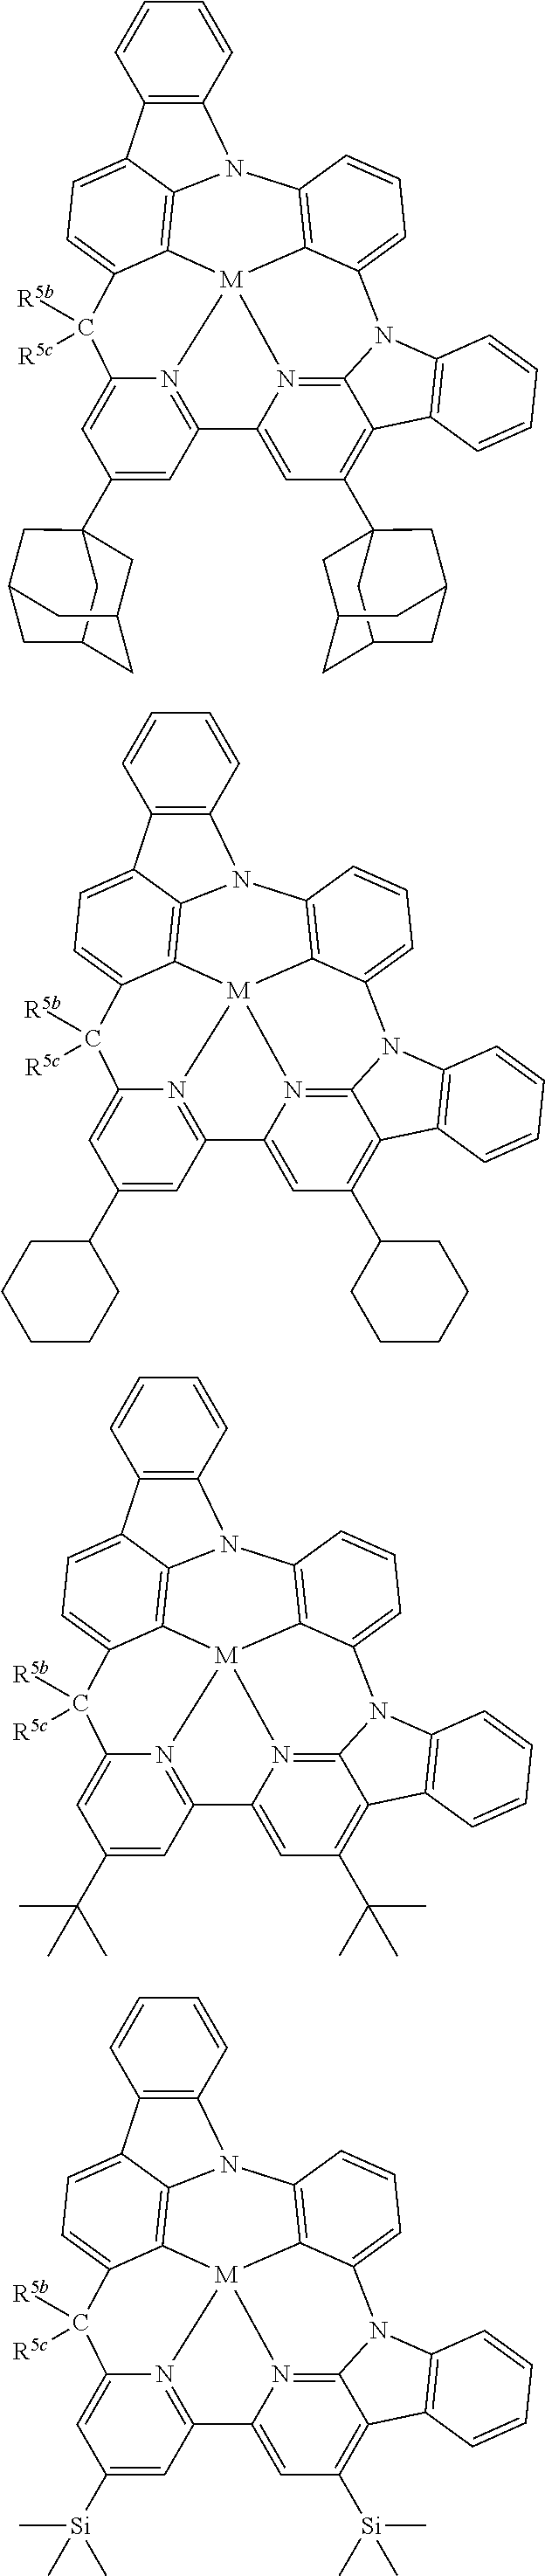 Figure US10158091-20181218-C00262